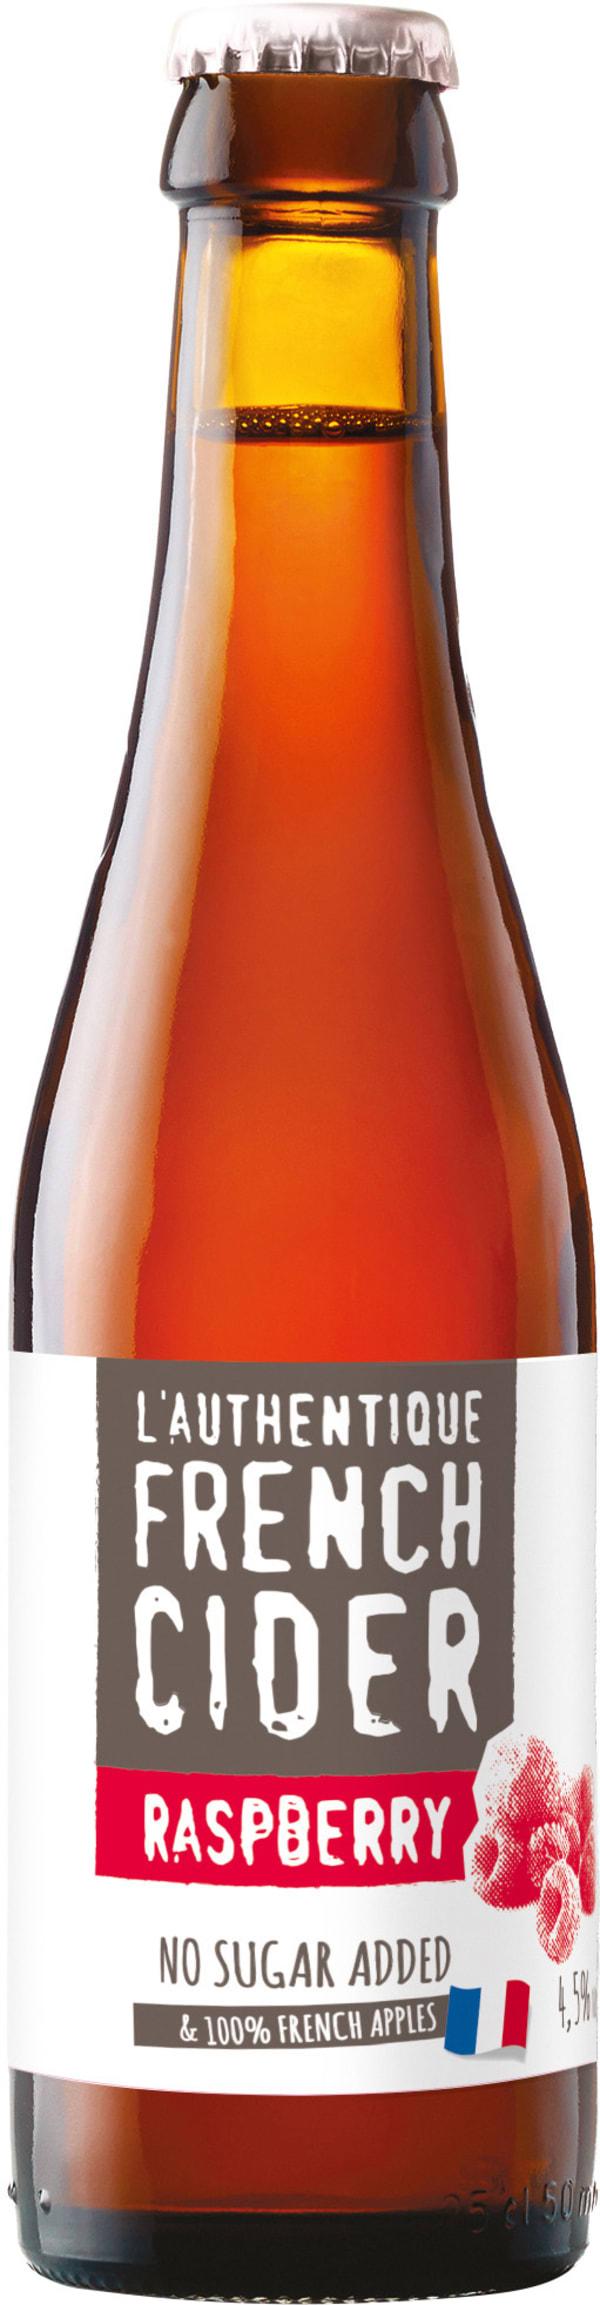 Val de France L'Authentique French Cider Raspberry